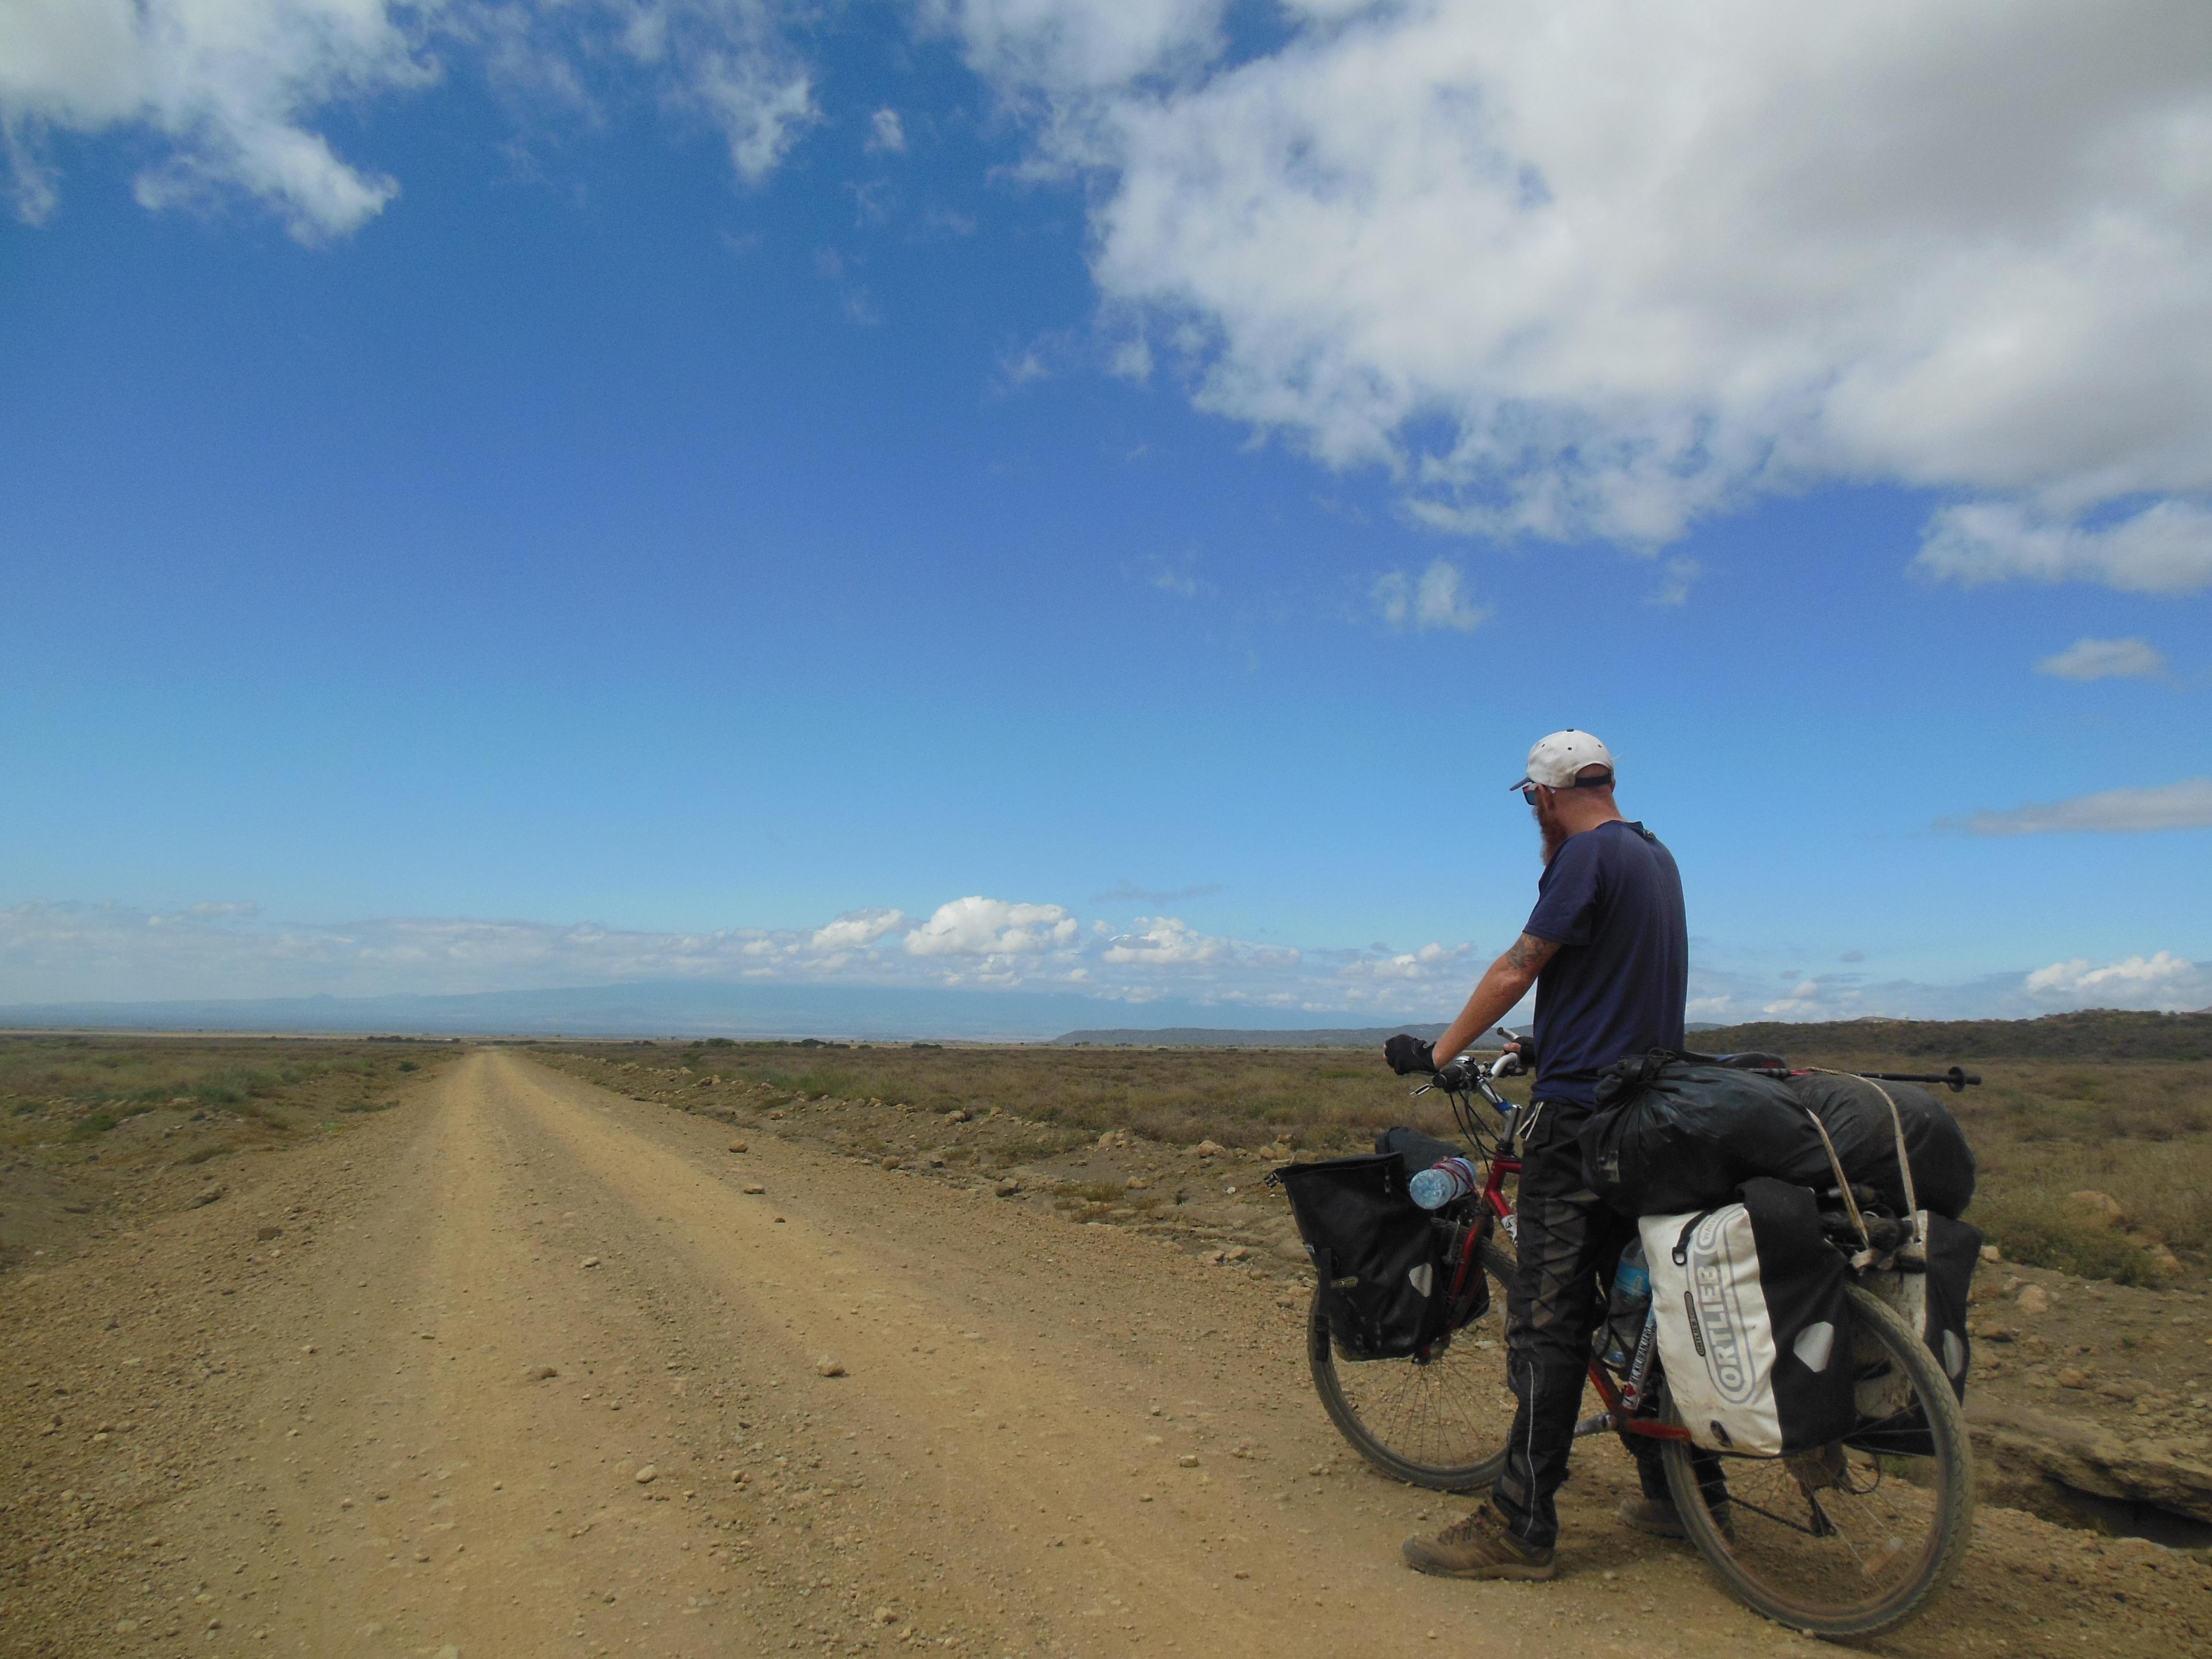 3. Dirt Road